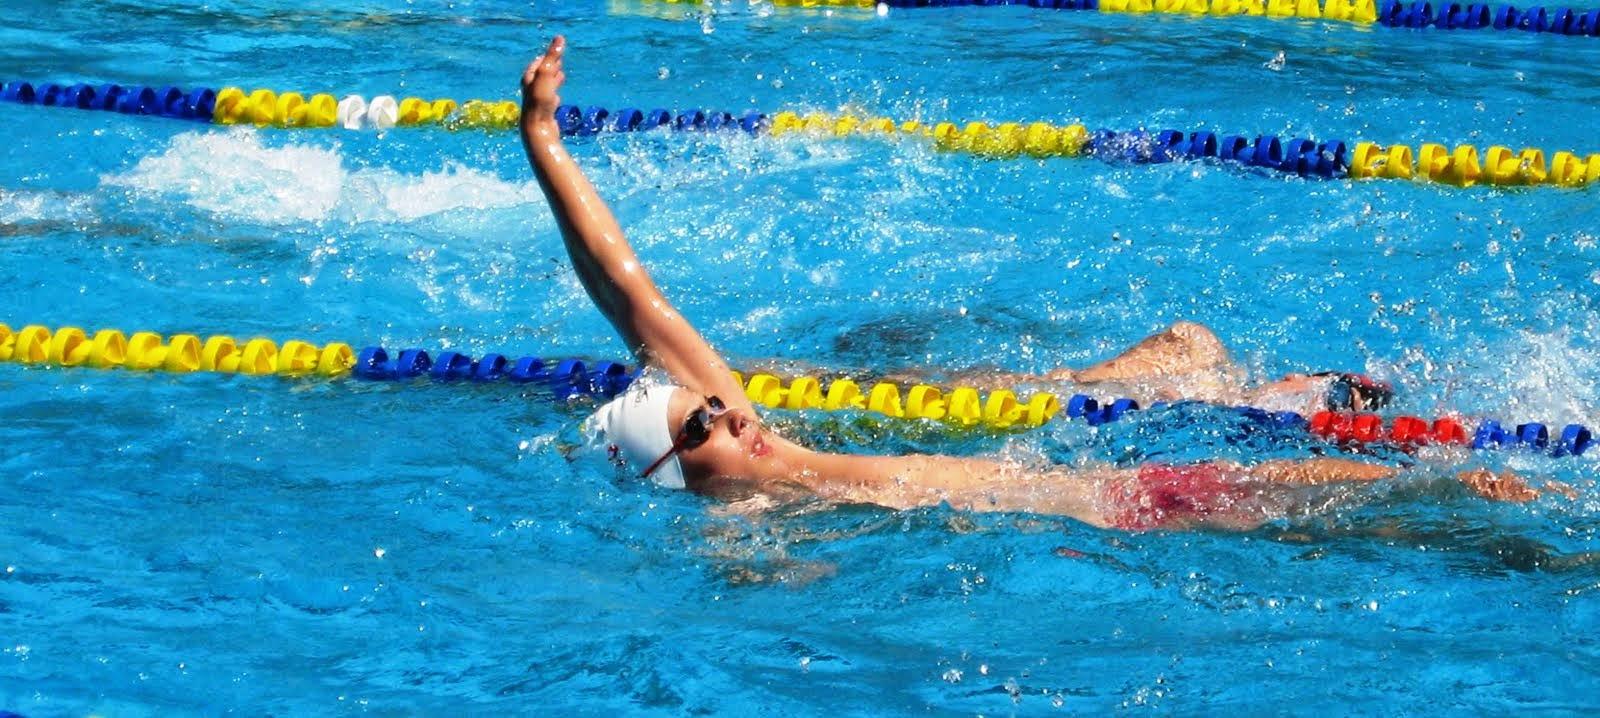 Resultado de imagen para nado de espalda tecnica